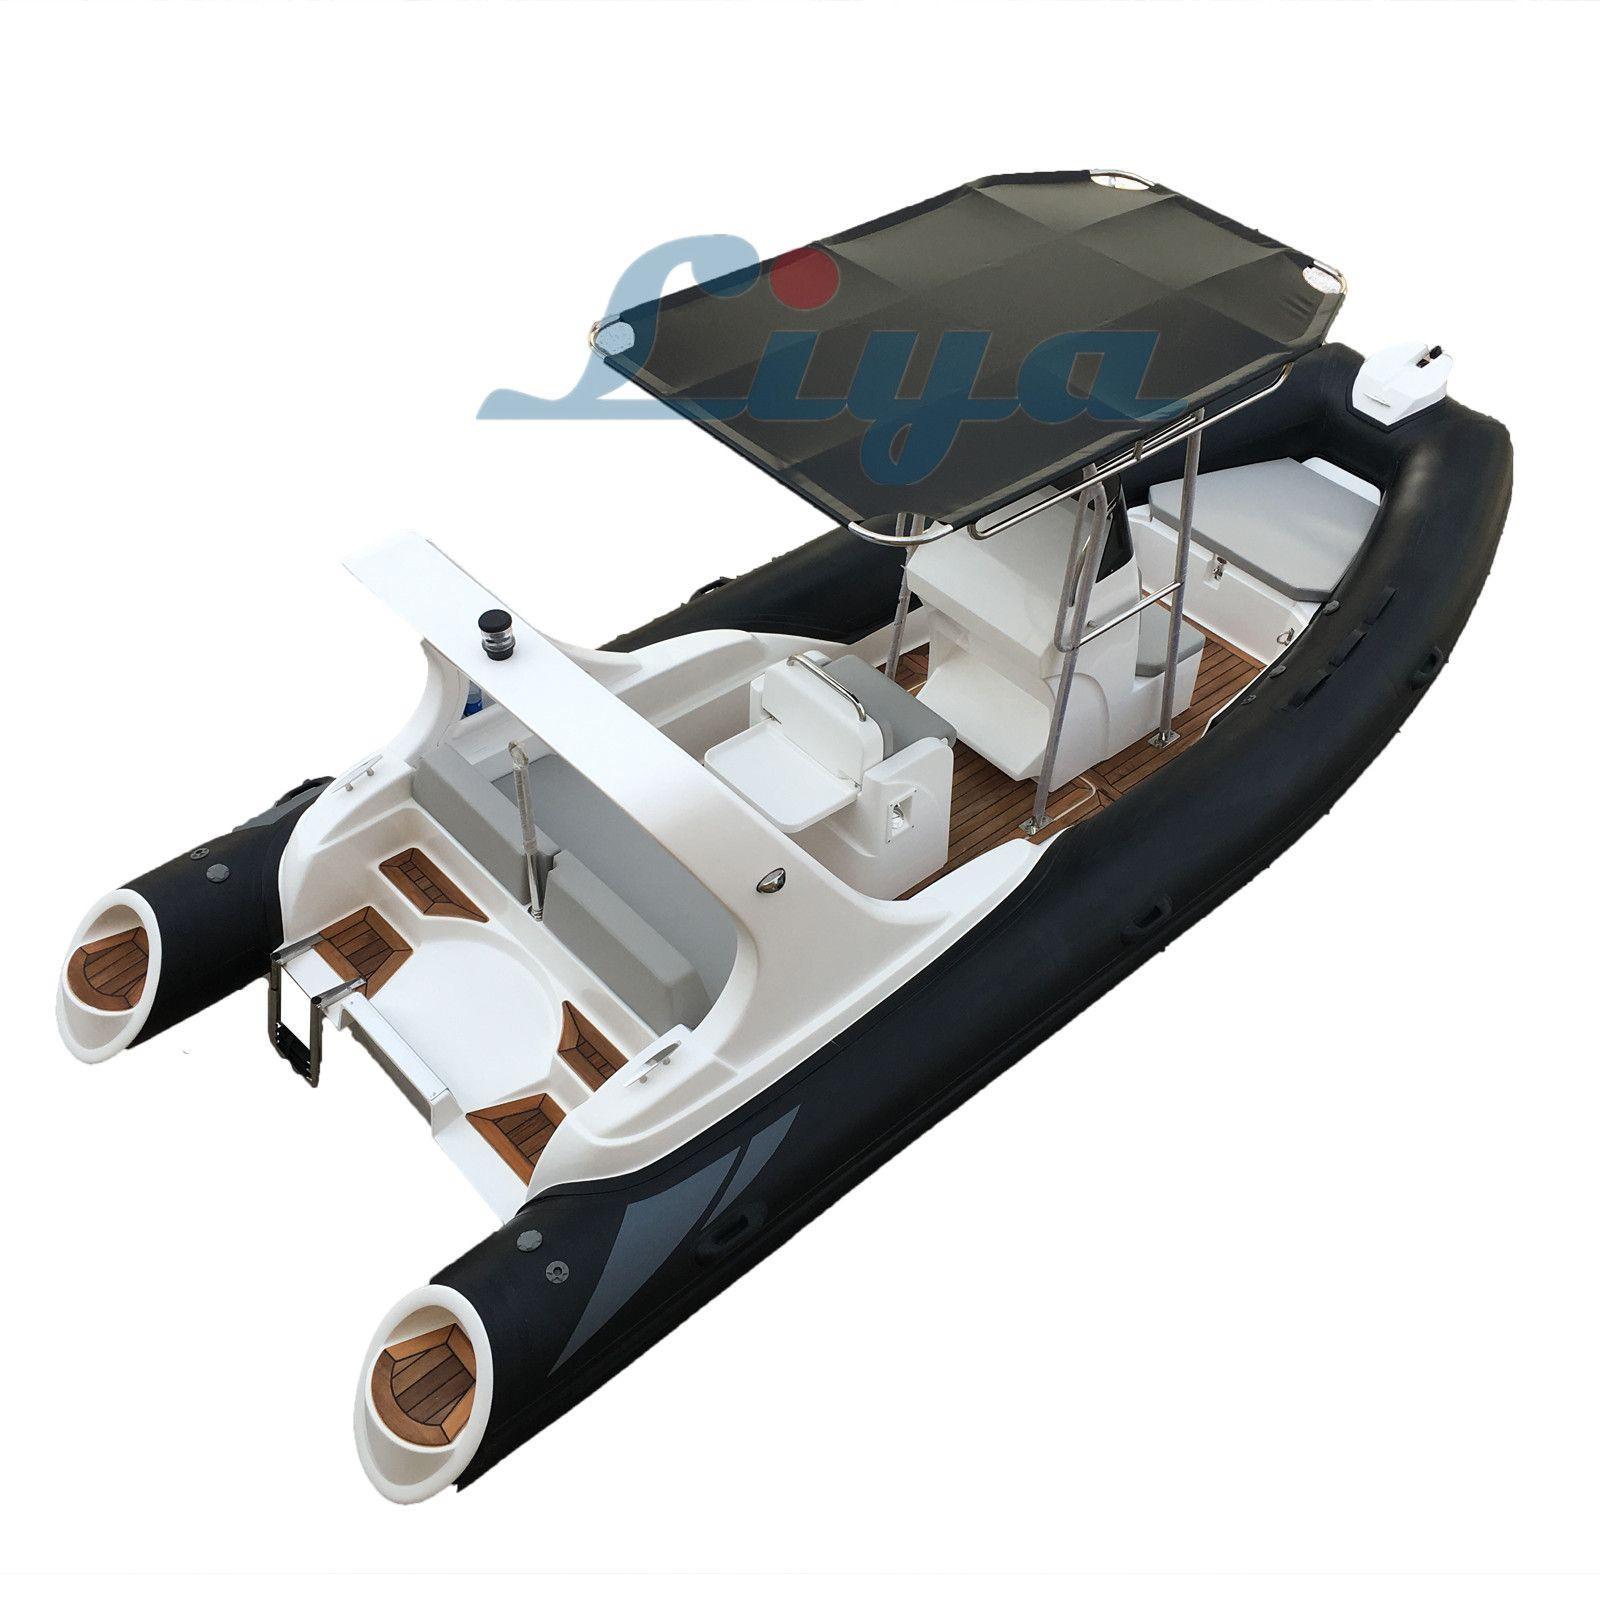 Liya 5.8m/19ft rigid inflatable boat rib boat